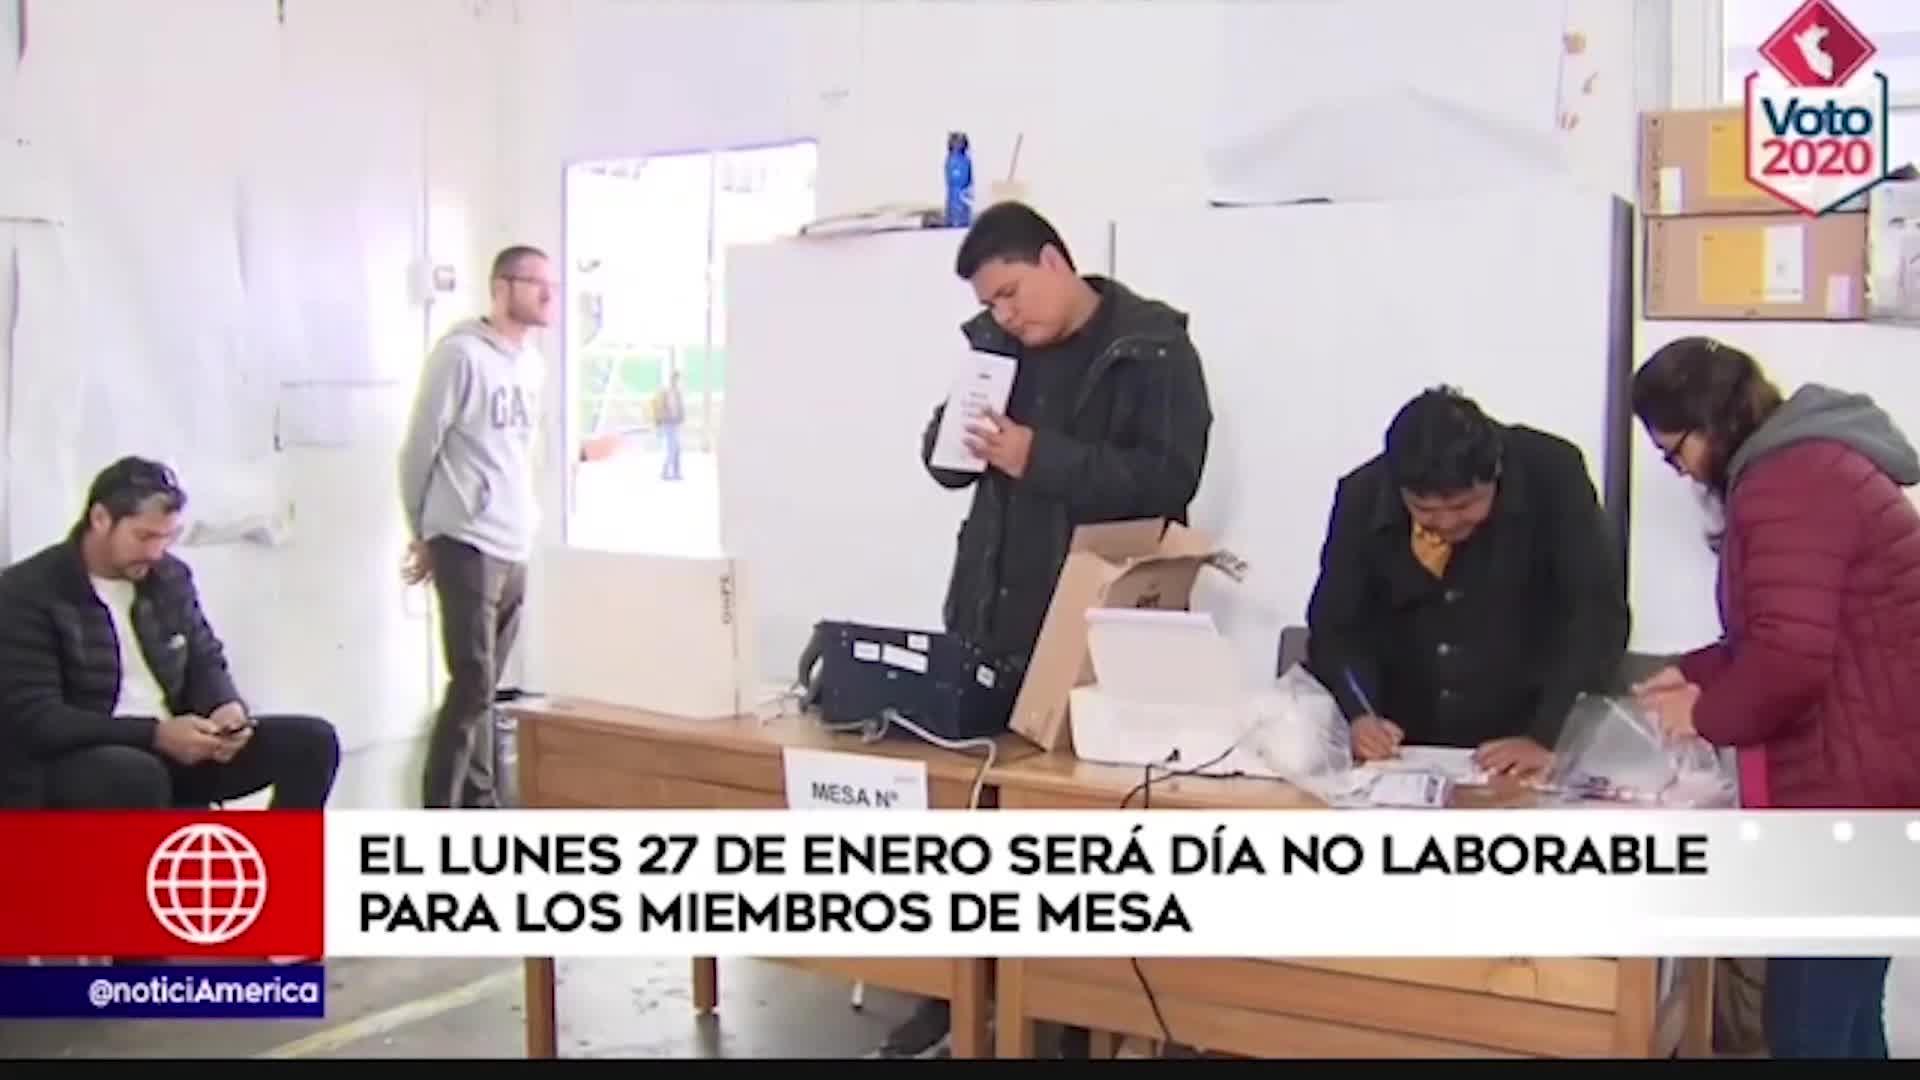 Elecciones 2020: miembros de mesa no trabajarán el 27 de enero